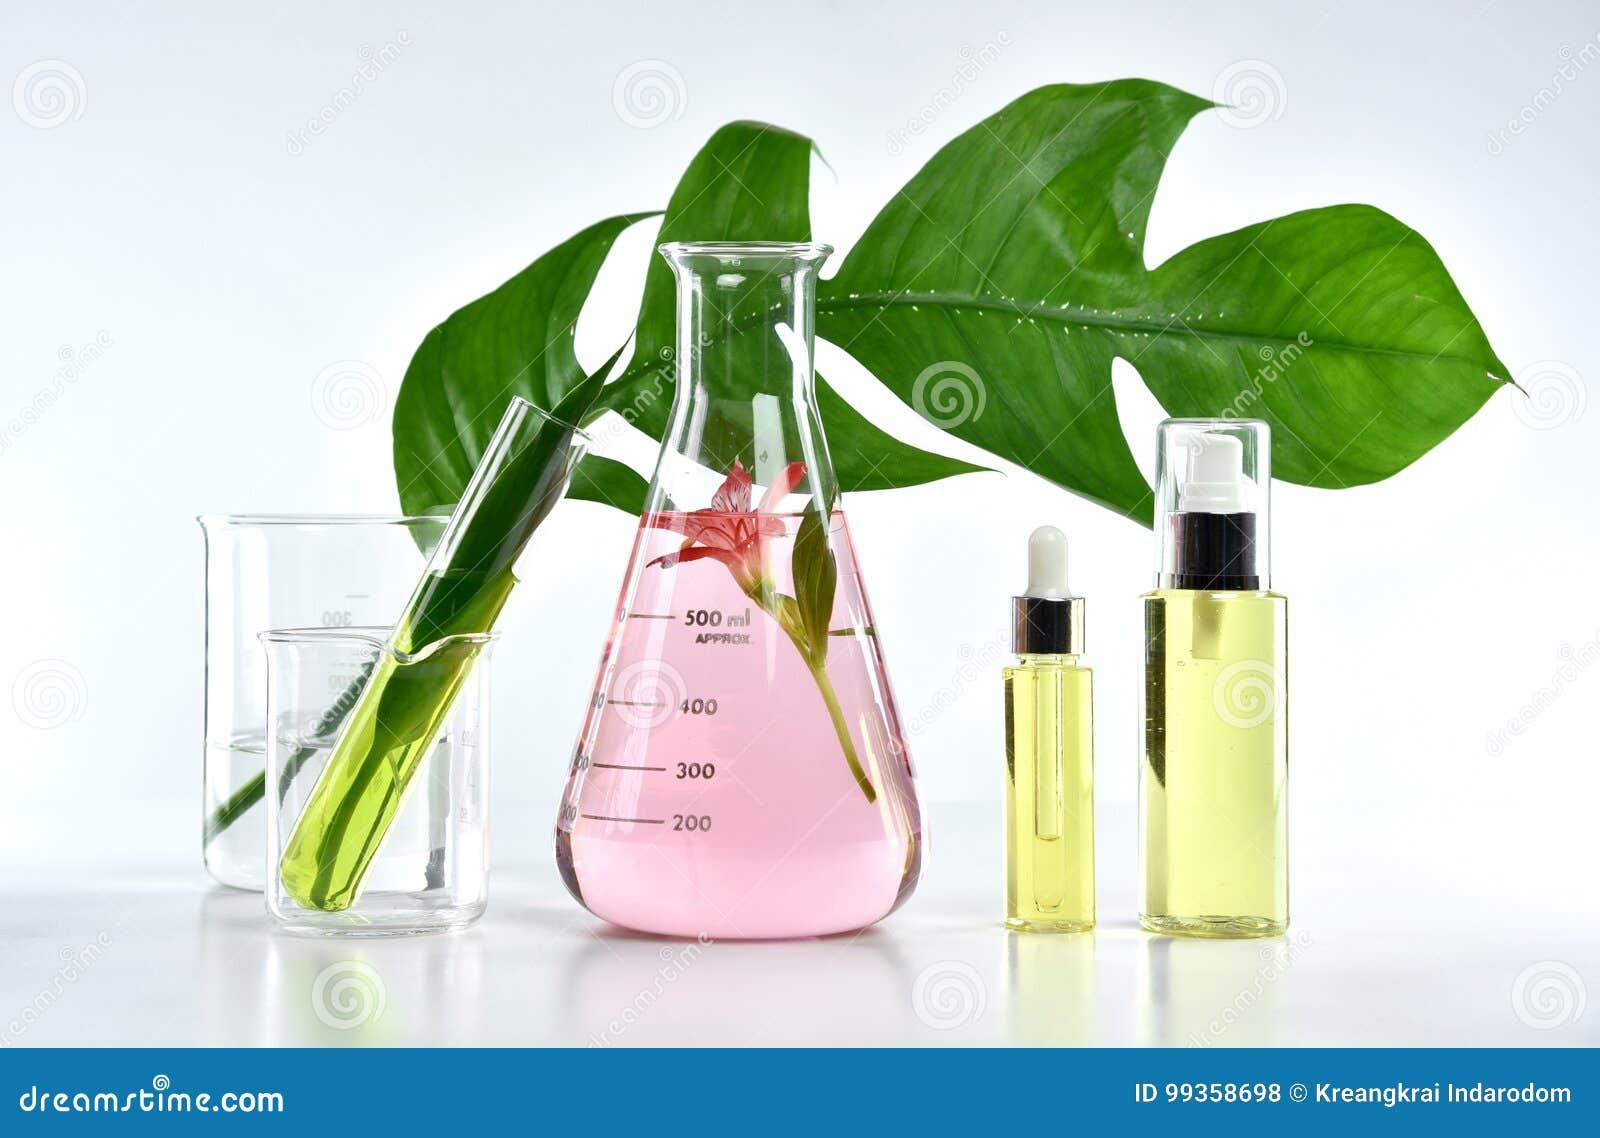 Natürliche Hautpflegeschönheitsprodukte, natürliche organische Botanikextraktion und wissenschaftliche Glaswaren